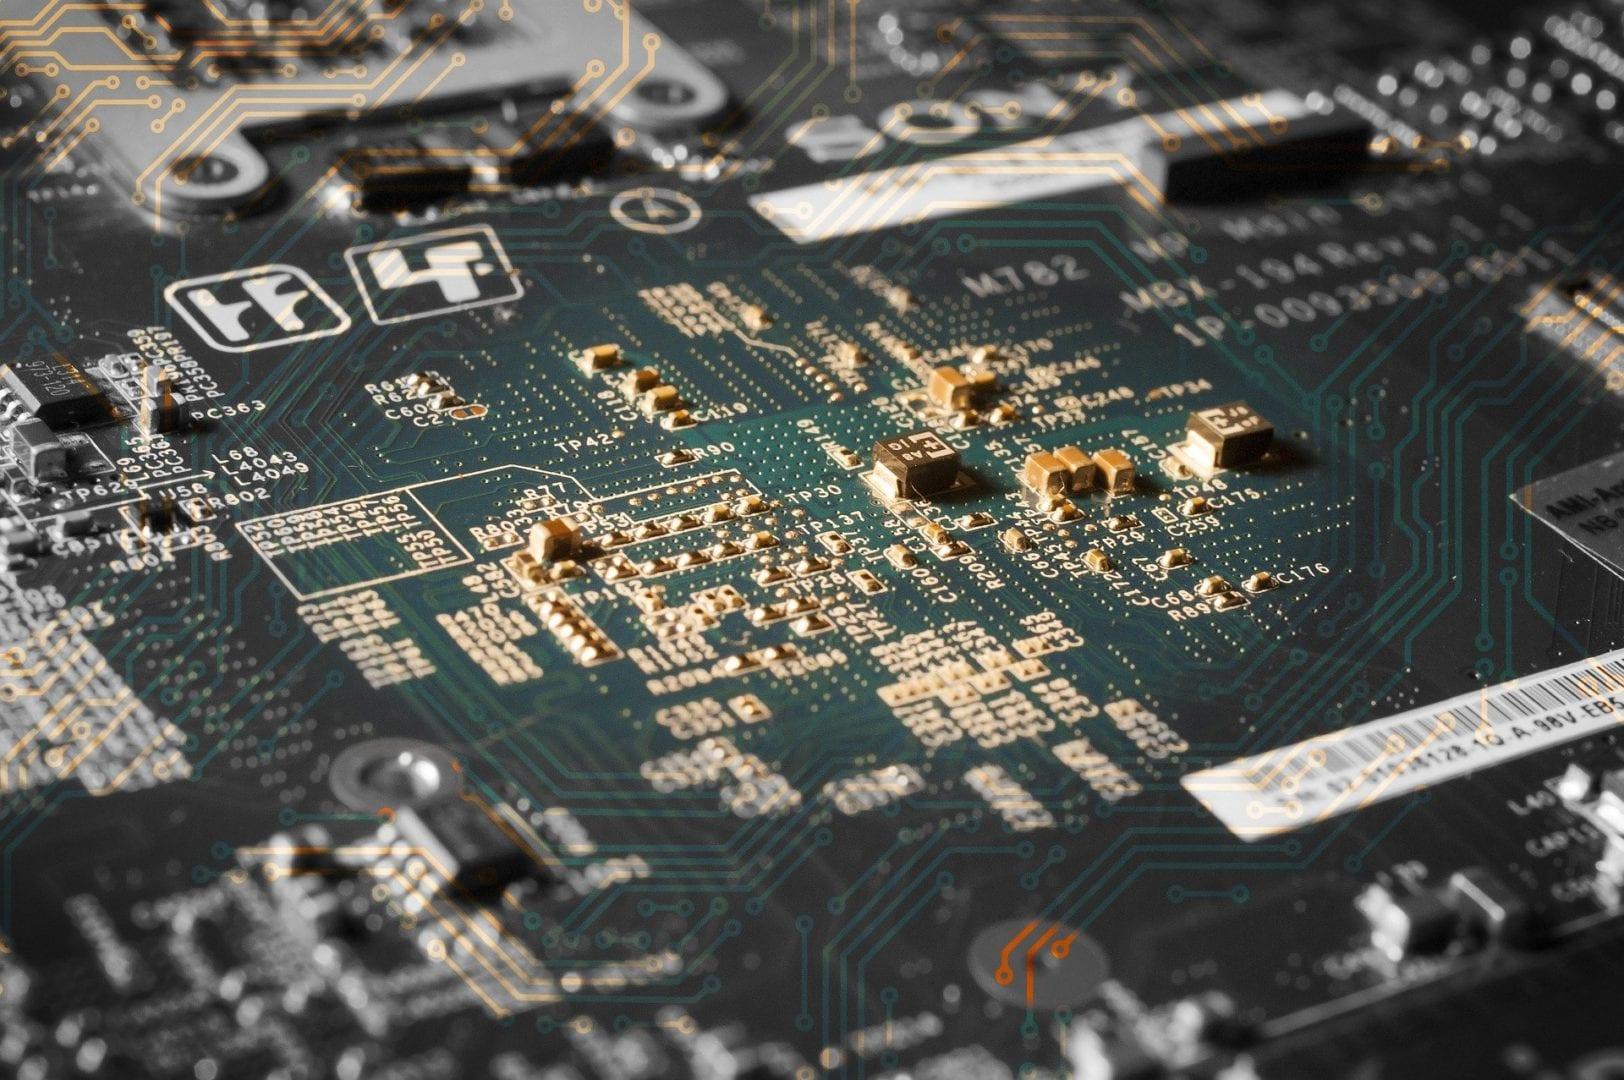 ¿Qué es la placa base de un ordenador y cuáles son sus componentes?